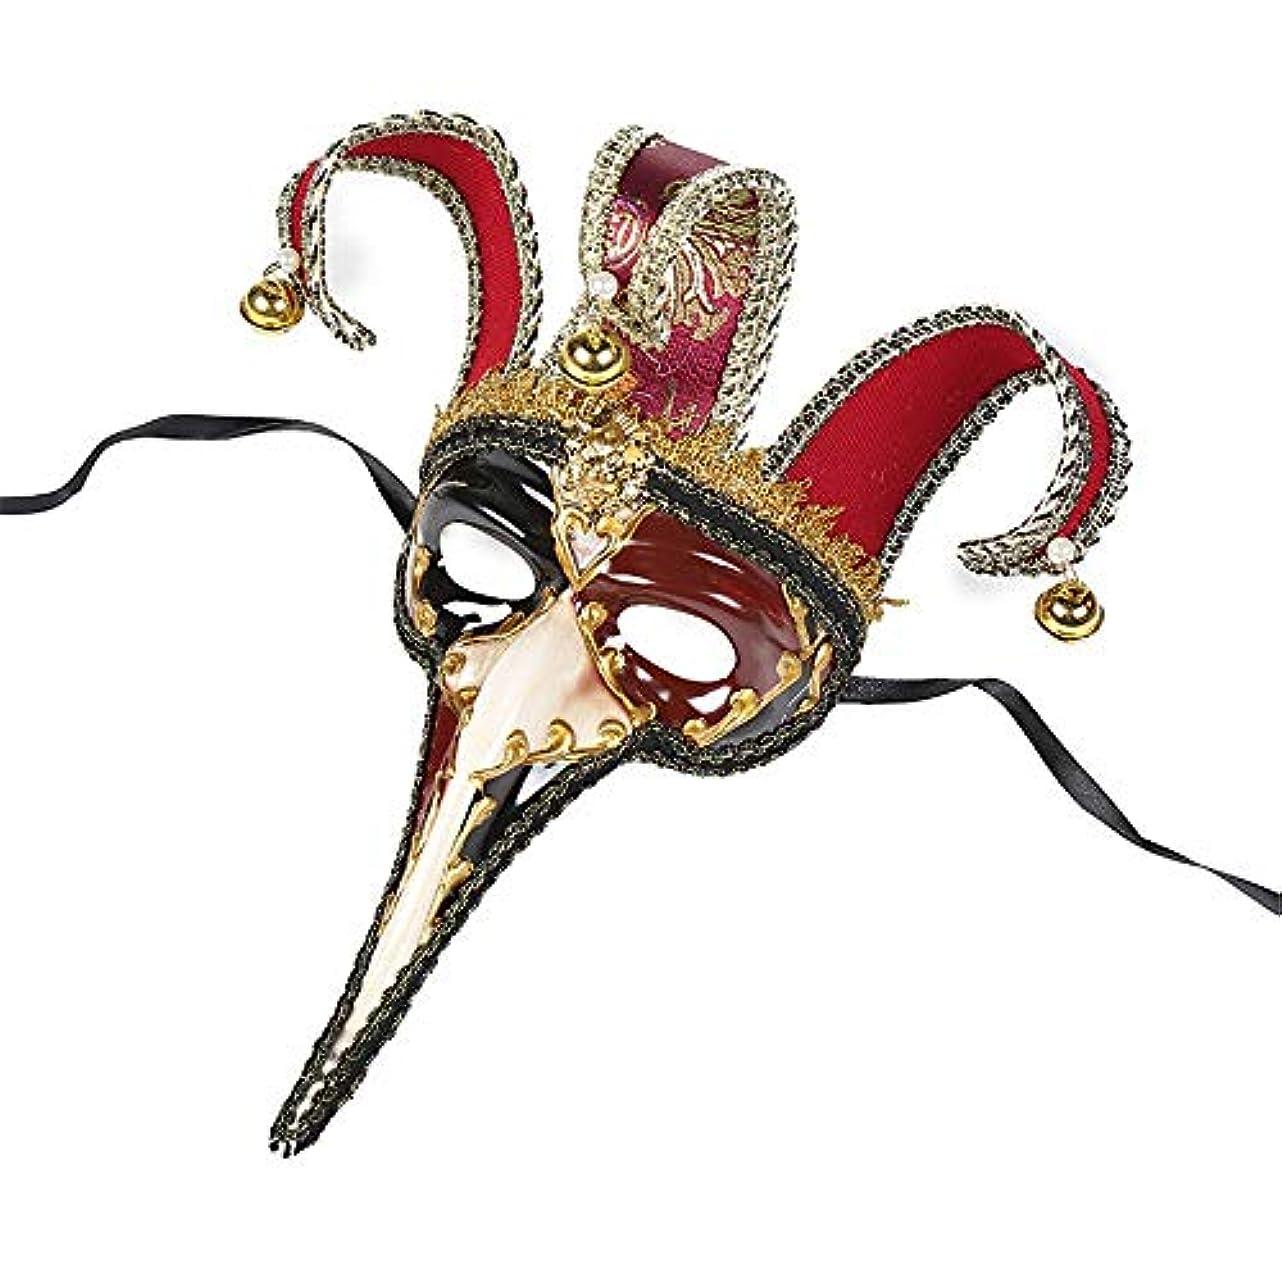 メディアサーバ動物園ダンスマスク ハーフフェイス鼻フラミンゴハロウィーン仮装雰囲気クリスマスフェスティバルロールプレイングプラスチックマスク ホリデーパーティー用品 (色 : 赤, サイズ : 42x15cm)